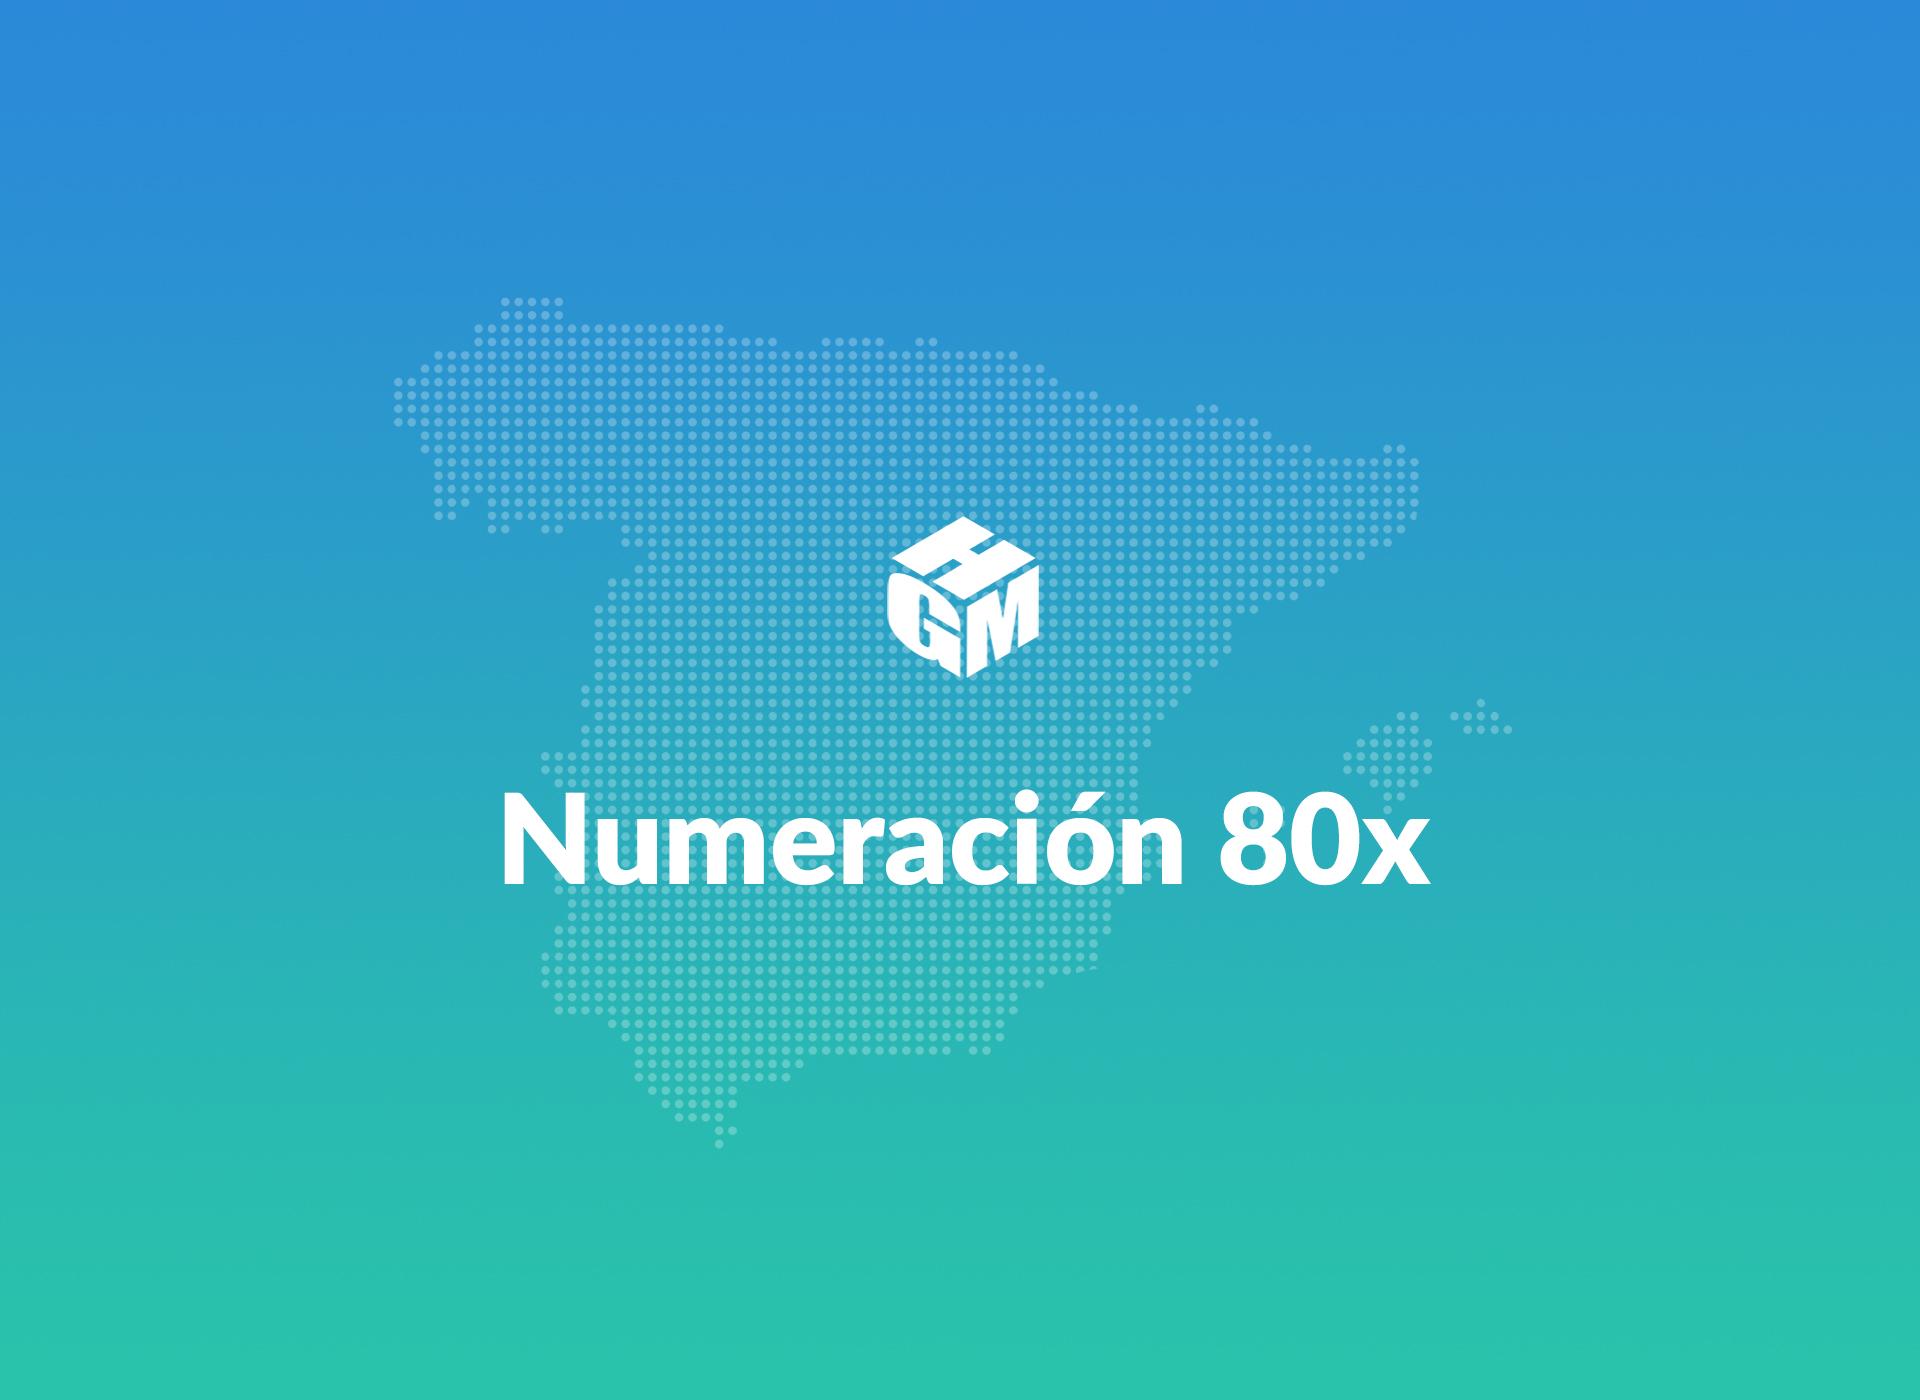 Numeración 80x